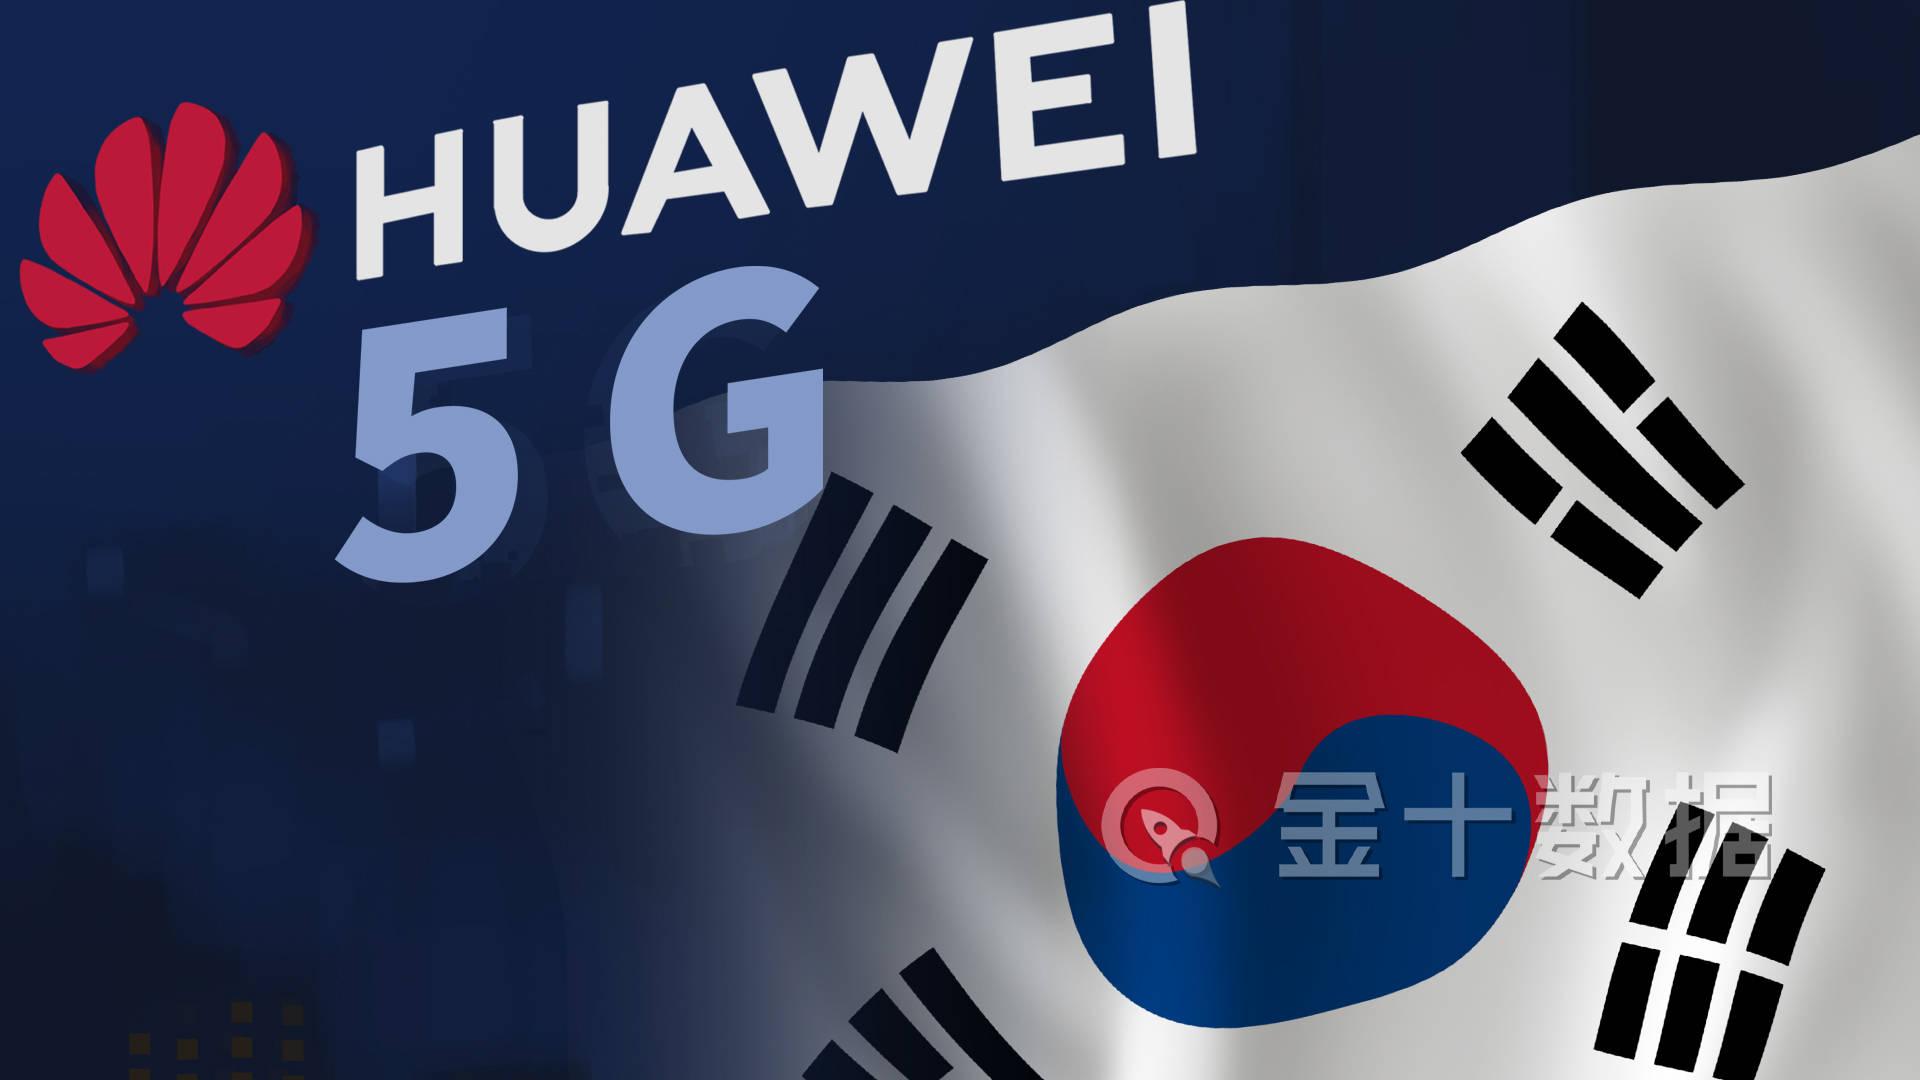 美国劝说失败!韩国拒绝了美国的请求 三大运营商向华为敞开了